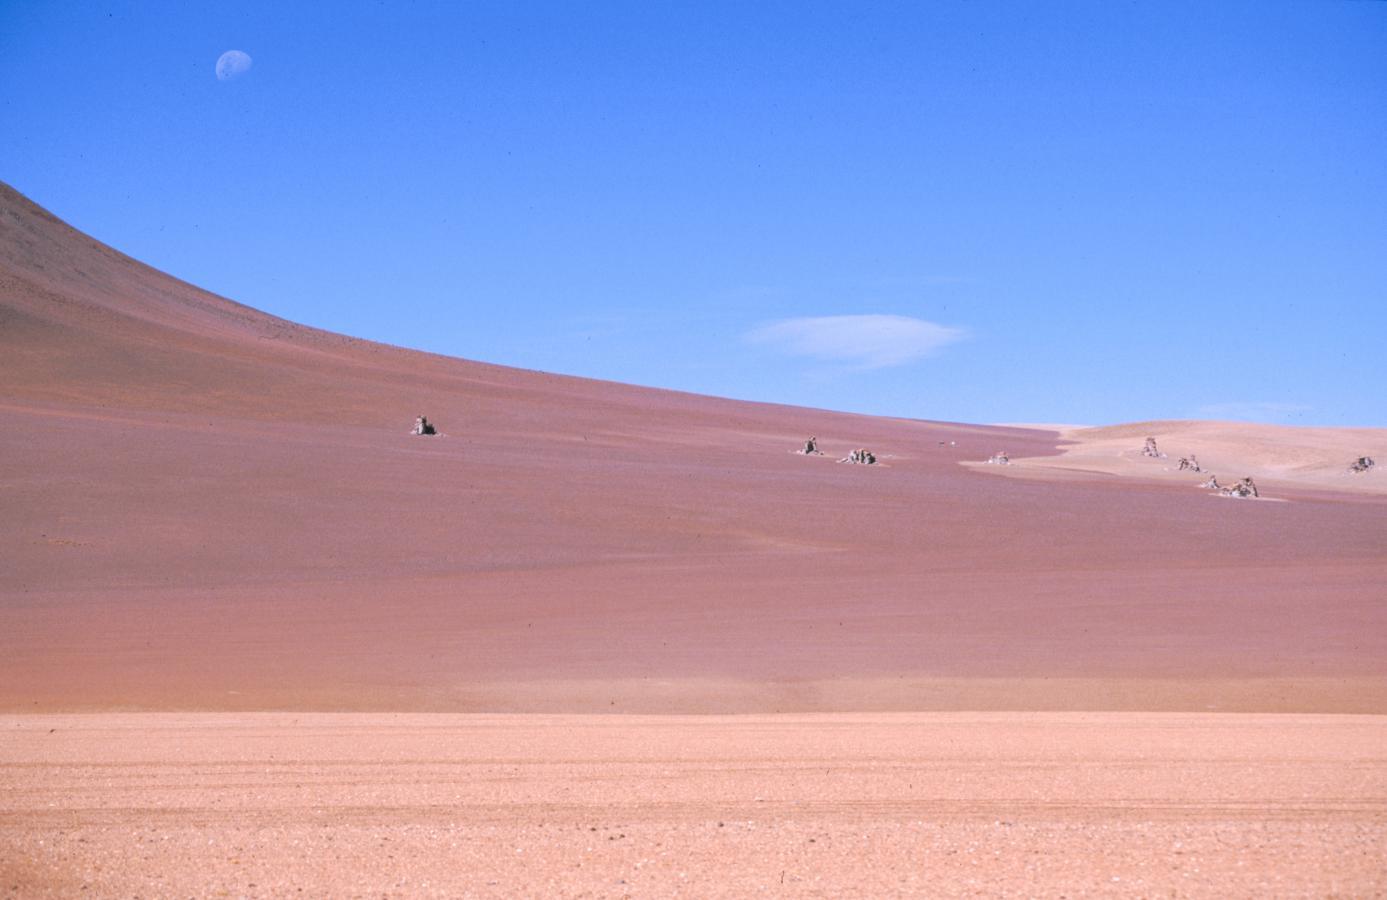 lama-glama-33-bolivia-2001